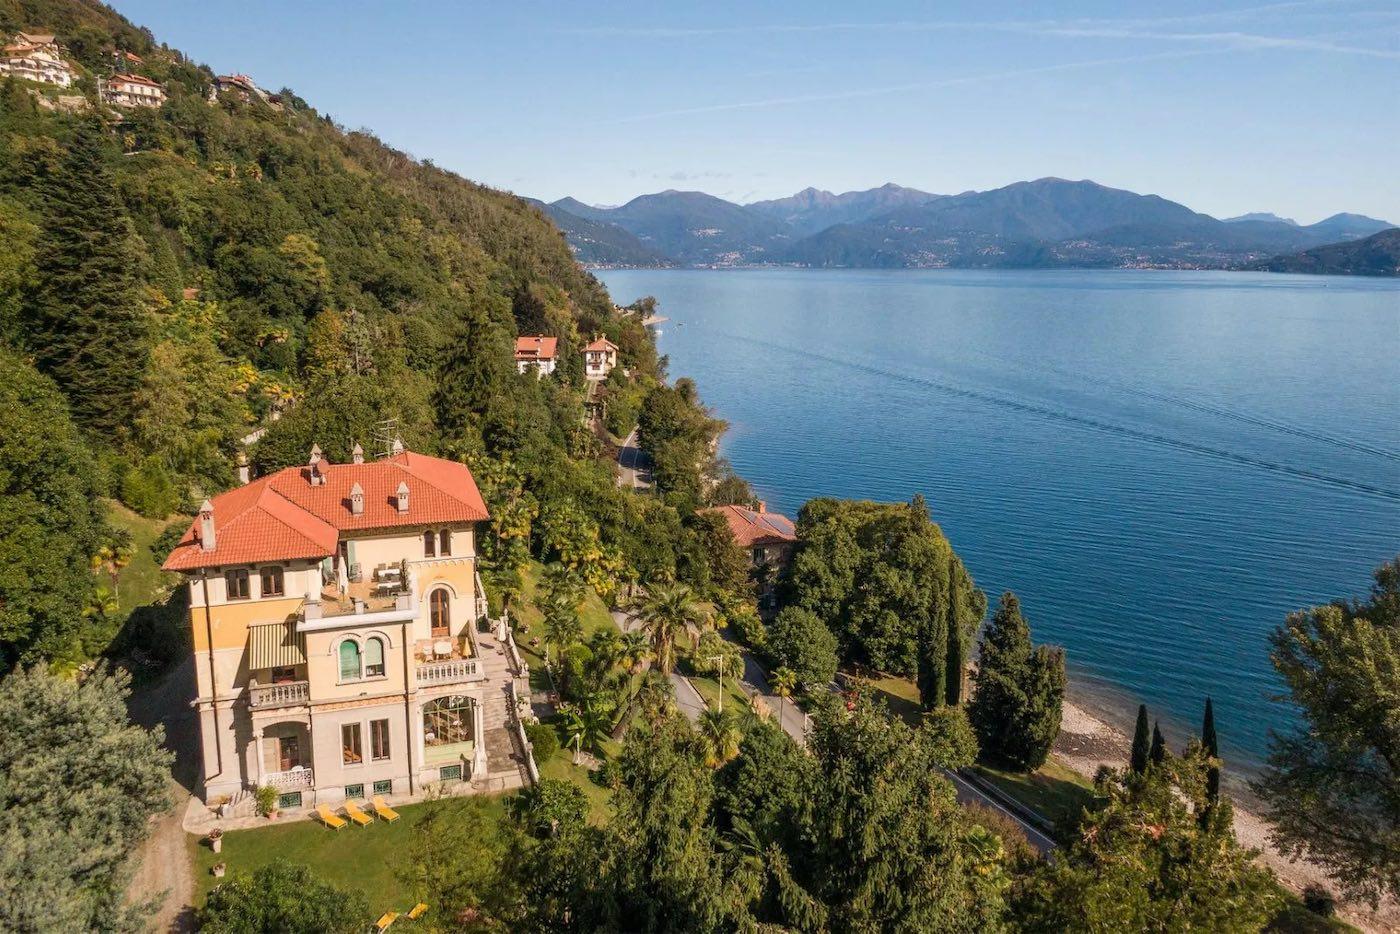 Villa Volpi: Suntuosa villa con vista al lago en Ghiffa, Verbano Cusio Ossola, Italia